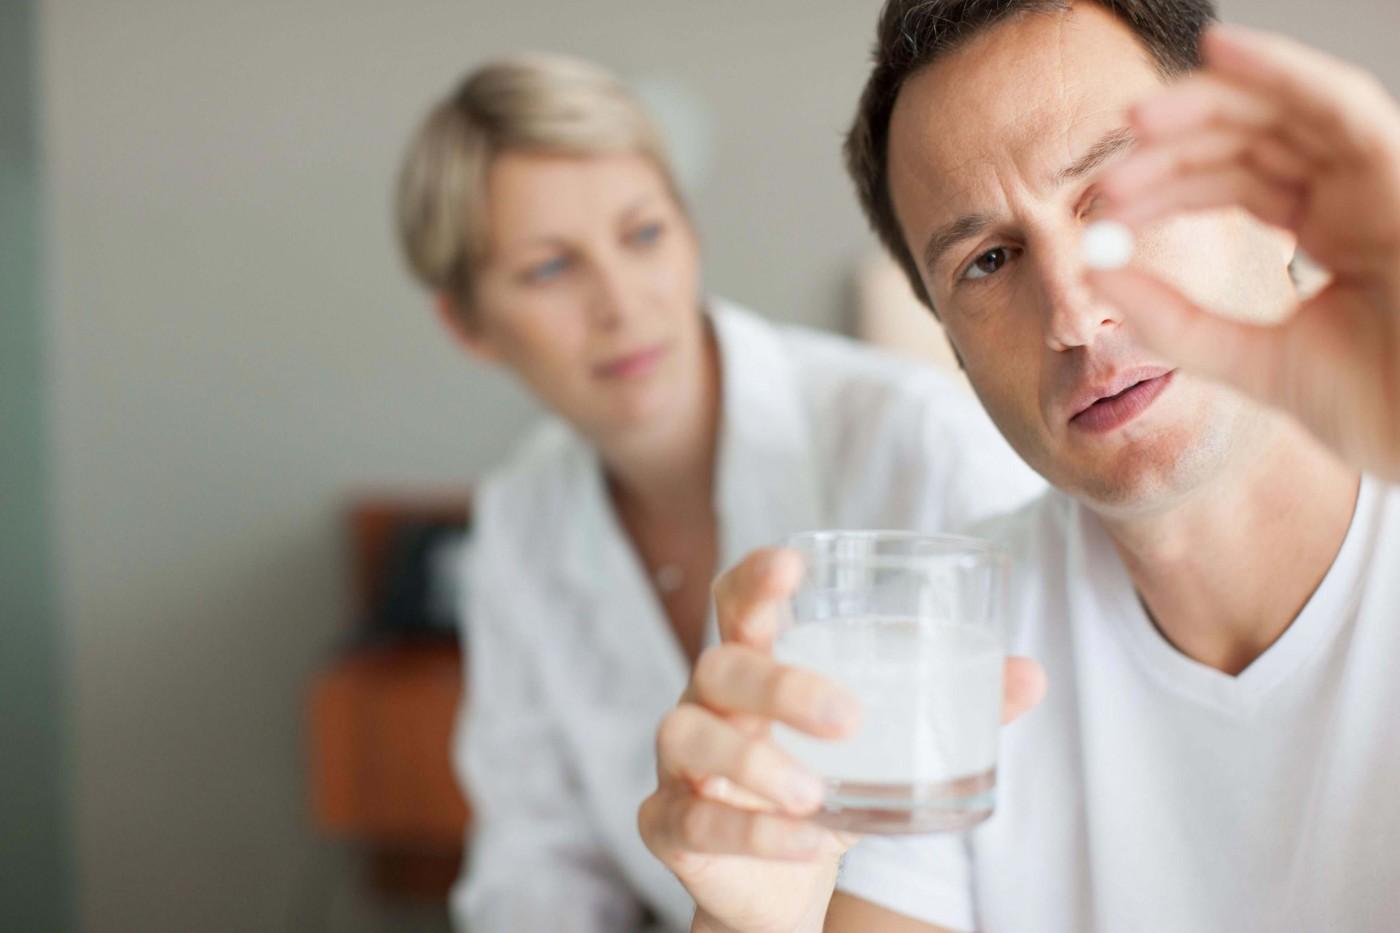 Зачатие ребенка после приема антибиотиков мужчиной